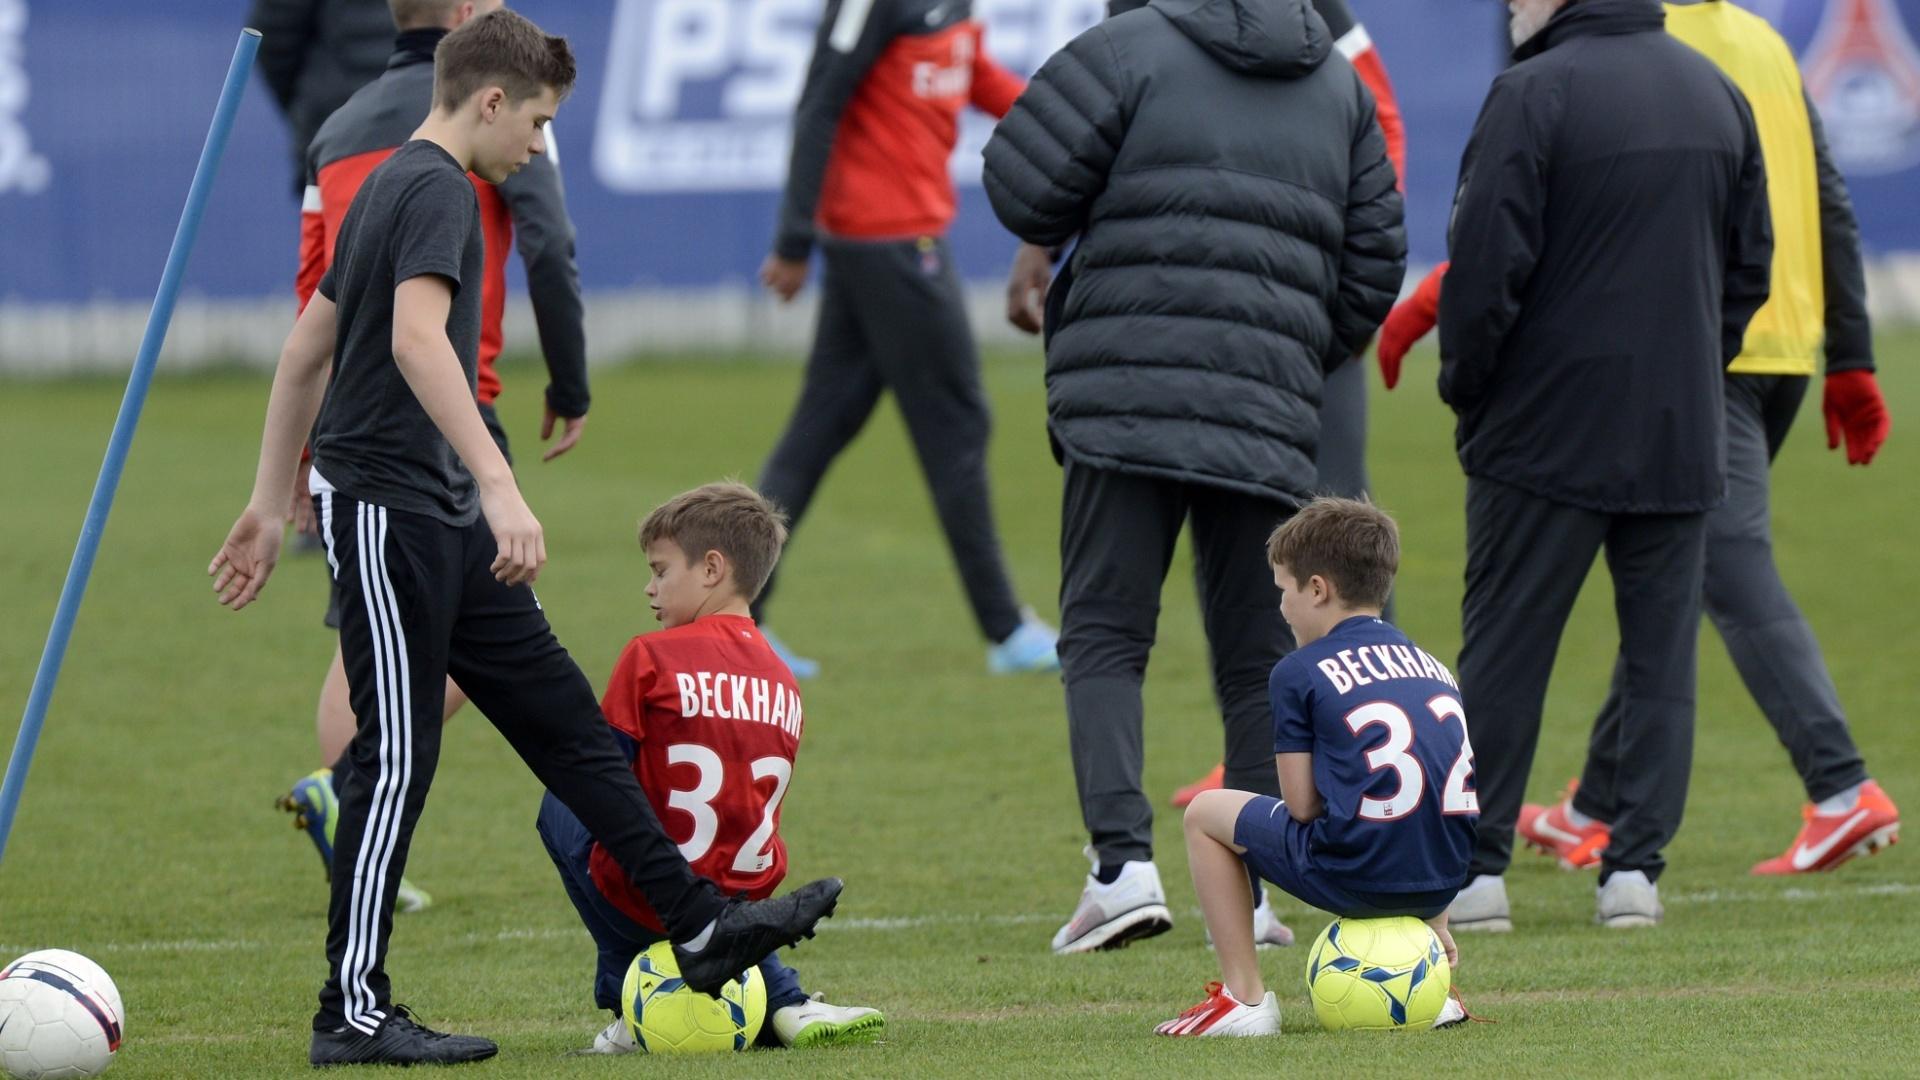 Família Beckham em campo